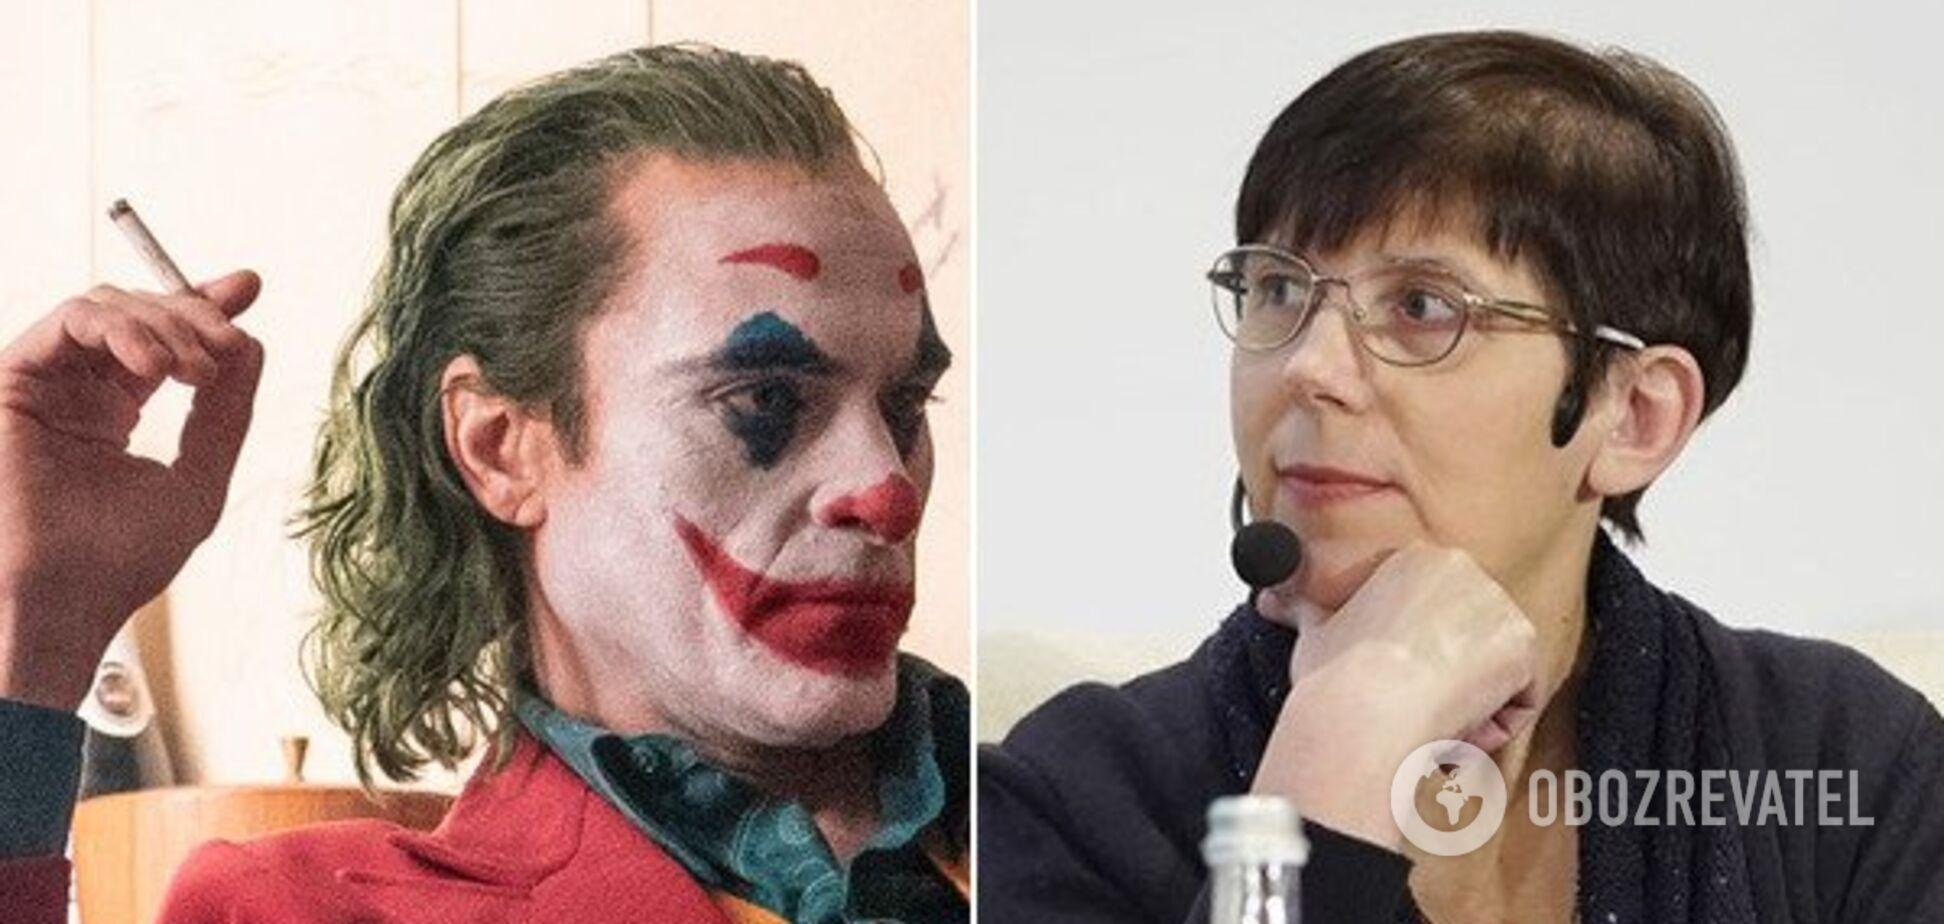 'СБУ встрепенулась?' В бенефисе 'Джокера' на канале Путина увидели угрозу нацбезопасности